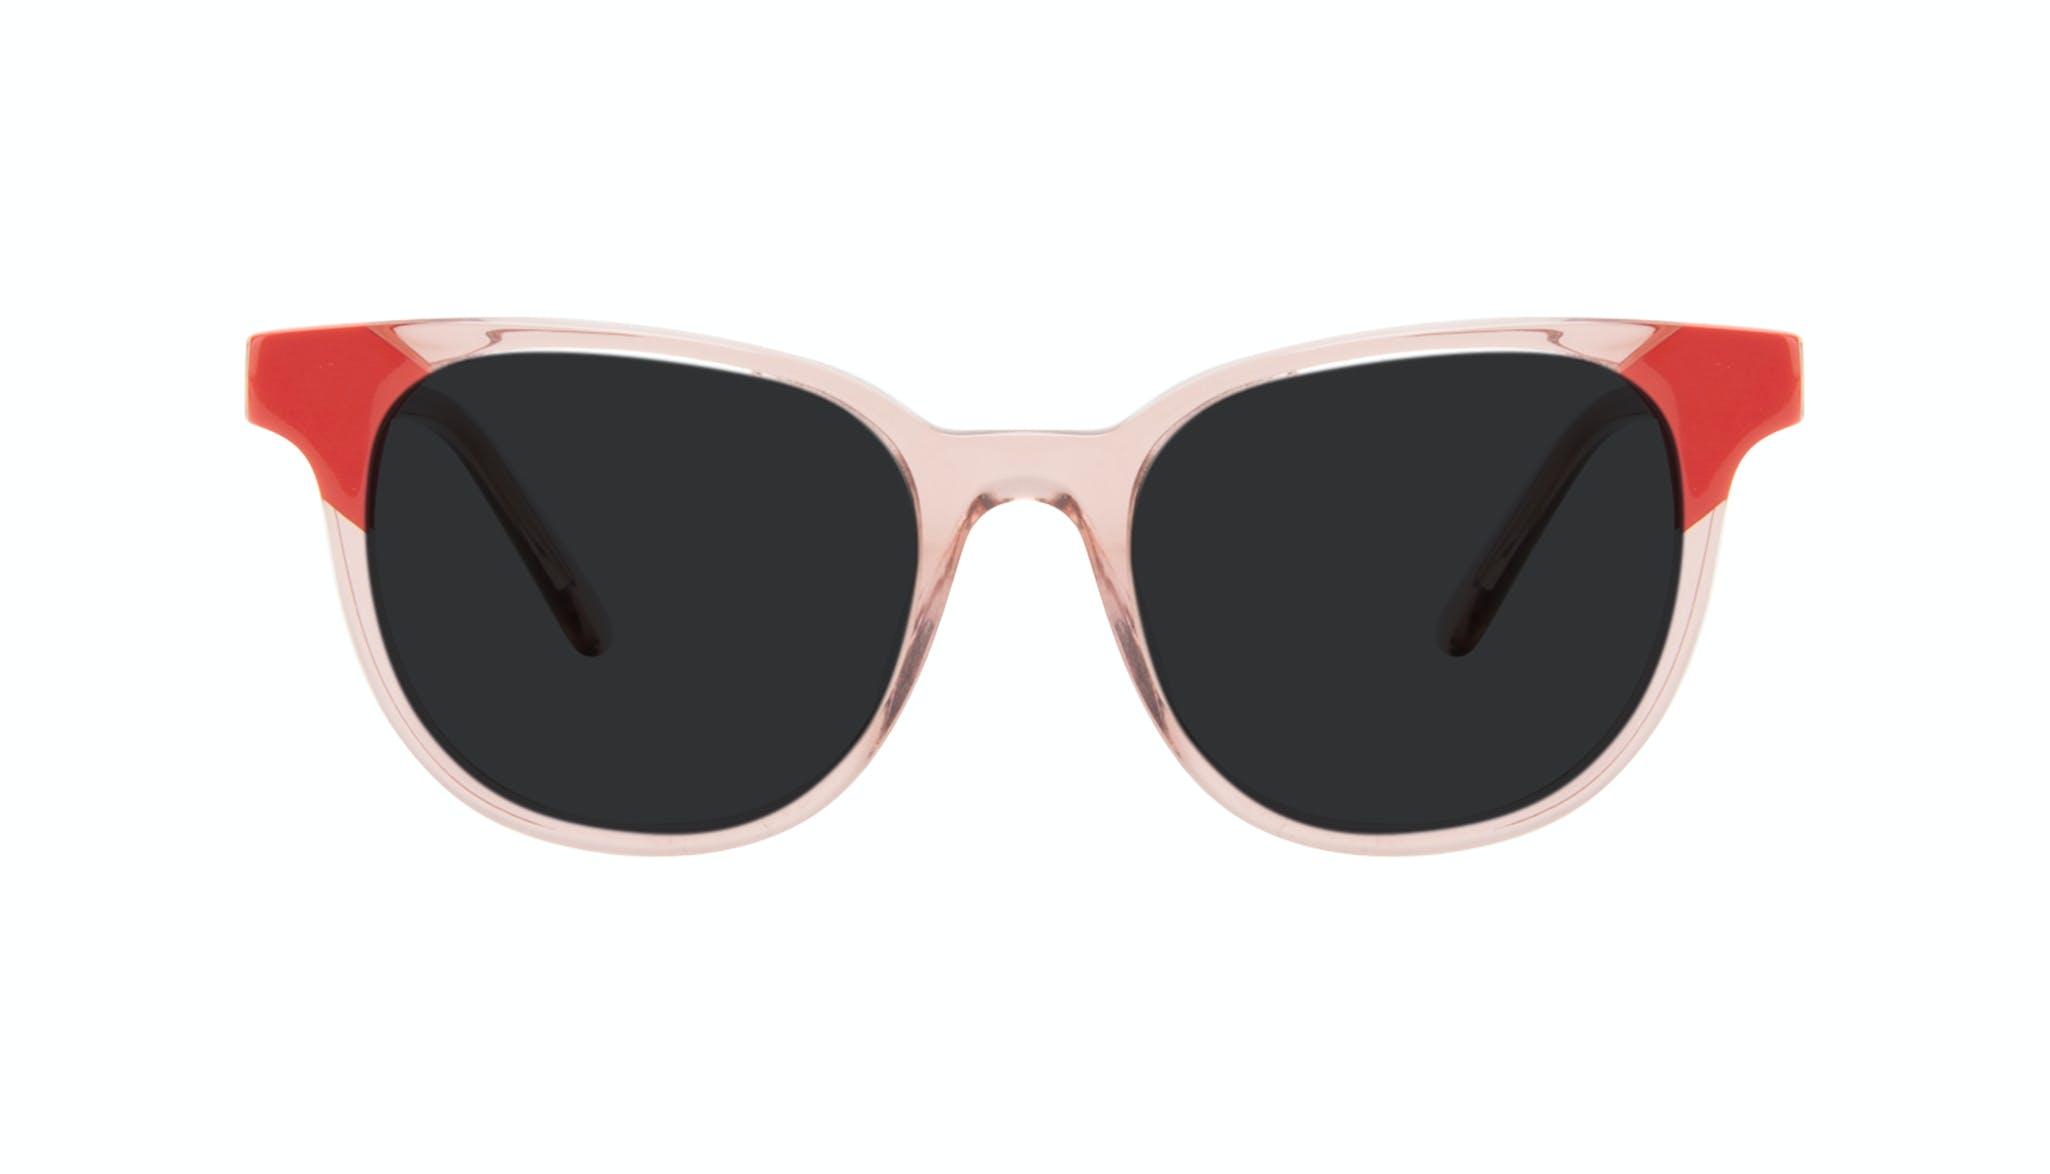 Lunettes tendance Carrée Lunettes de soleil Femmes Lively Pink Coral